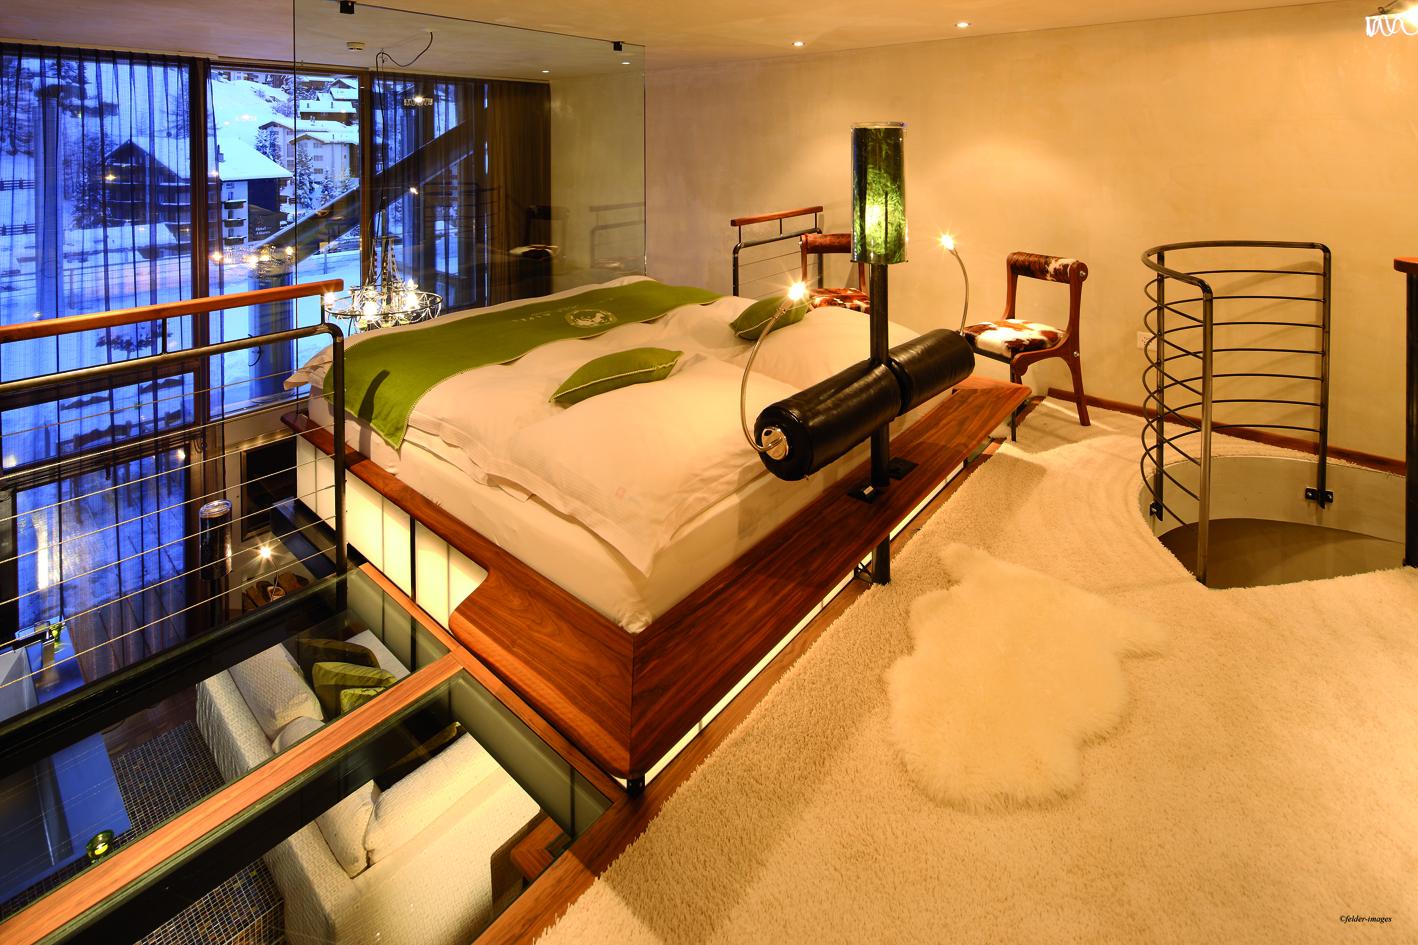 neue hotelbilder von felder 053.jpg